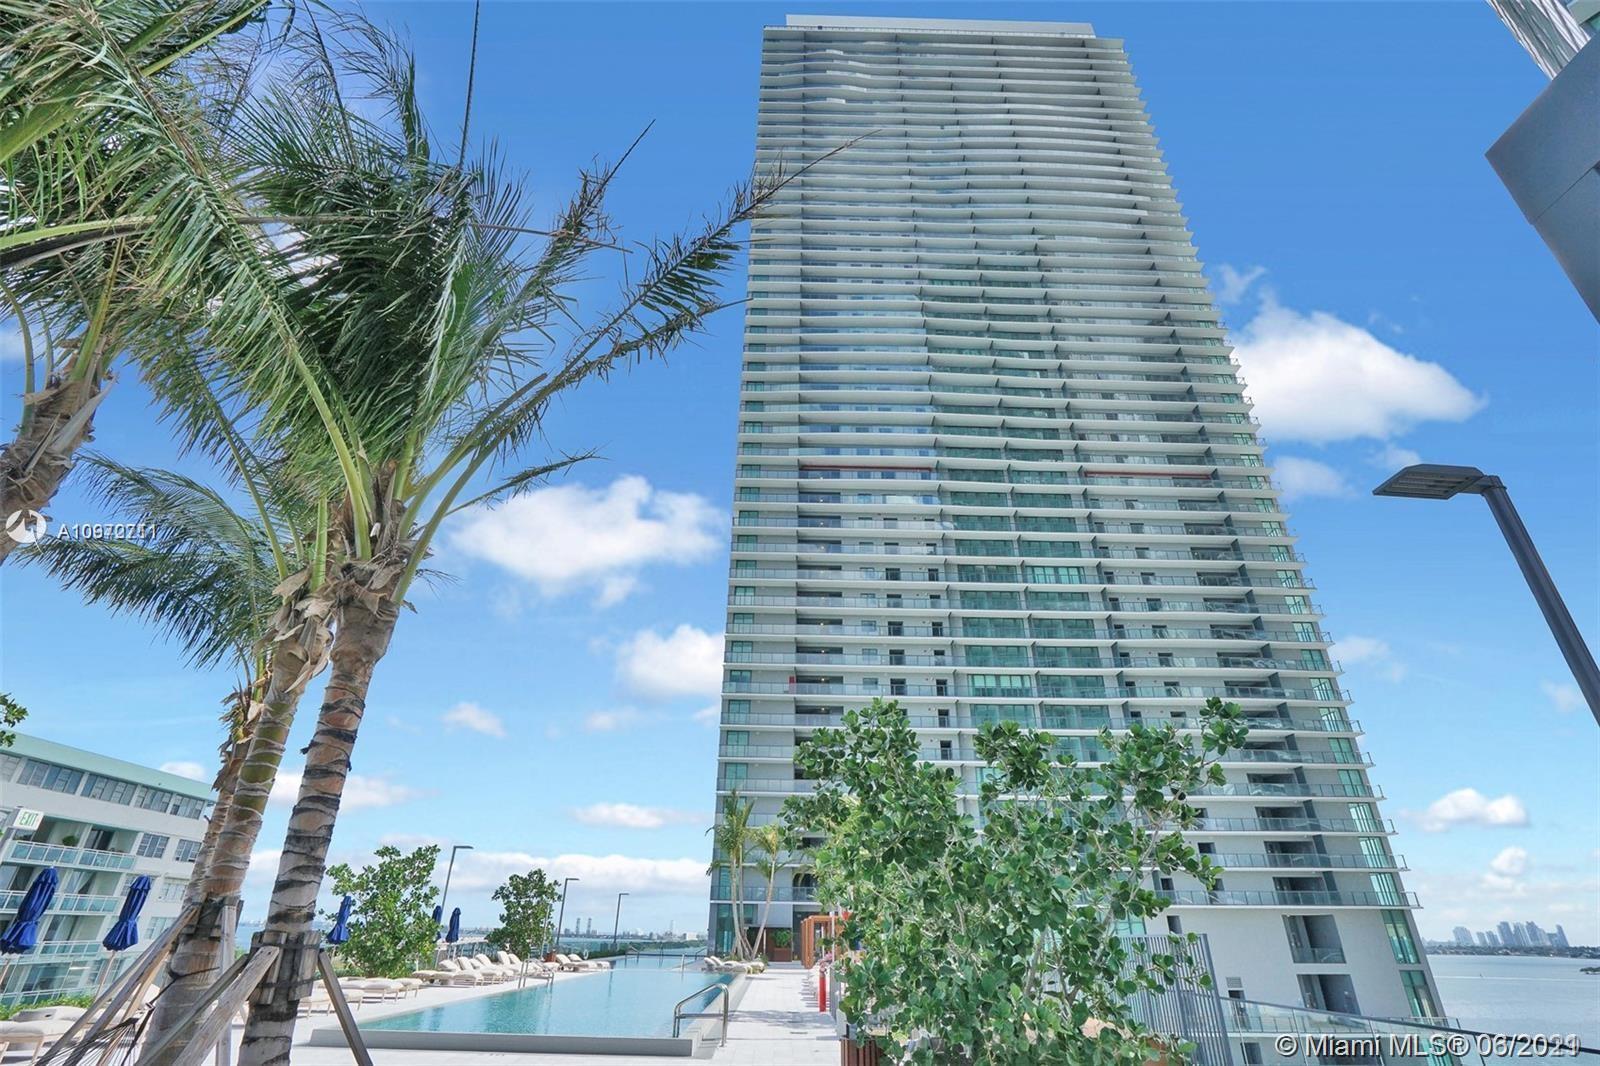 3131 7th Ave Unit 303, Miami, Florida 33137